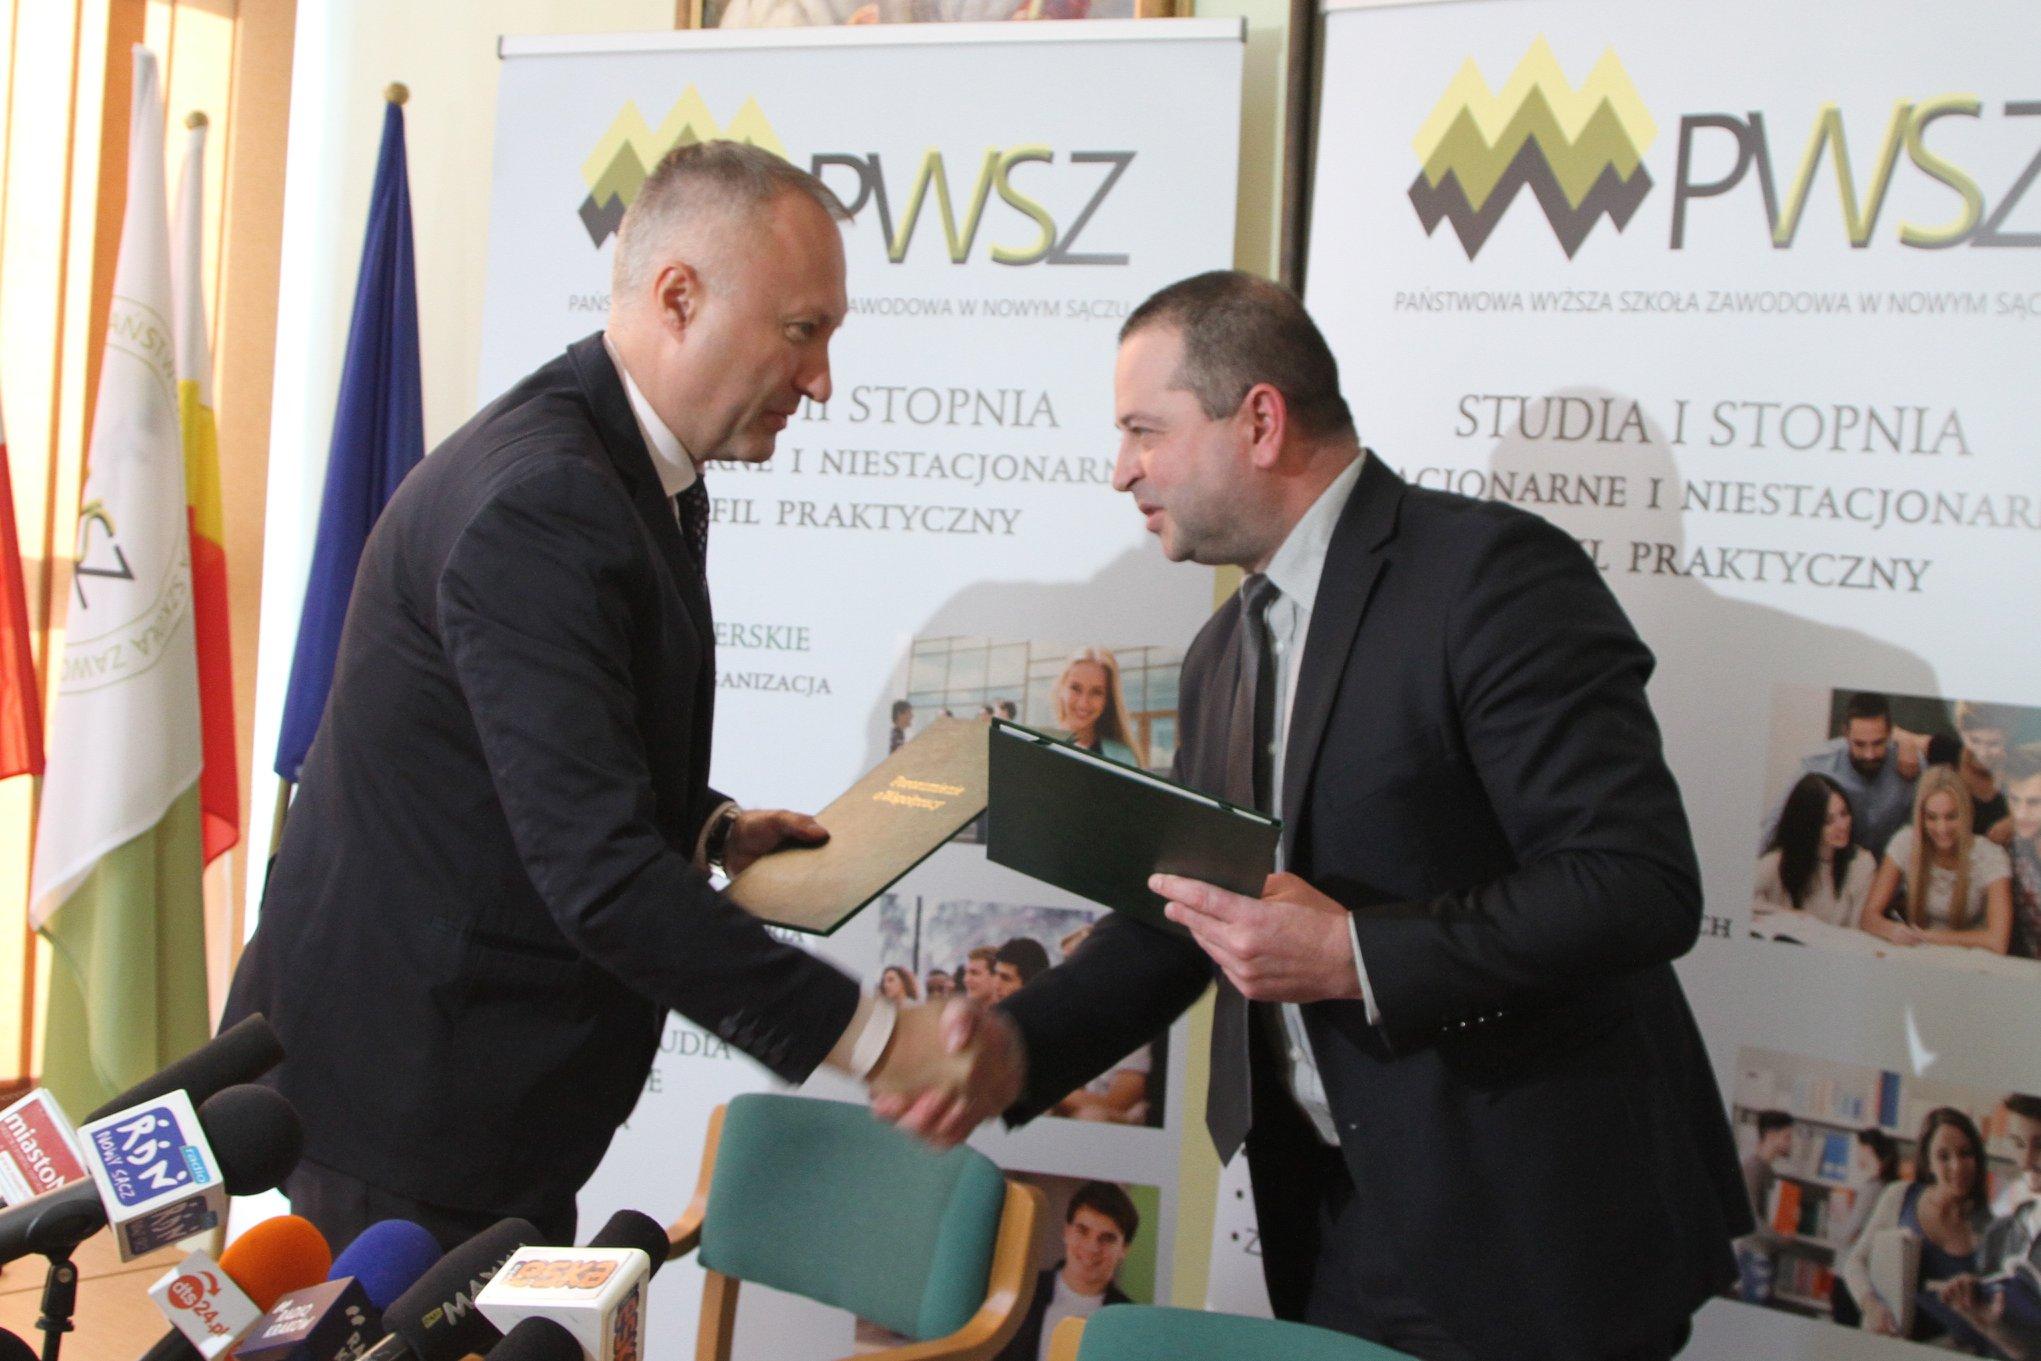 Porozumienie między Miastem Nowy Sącz a PWSZ